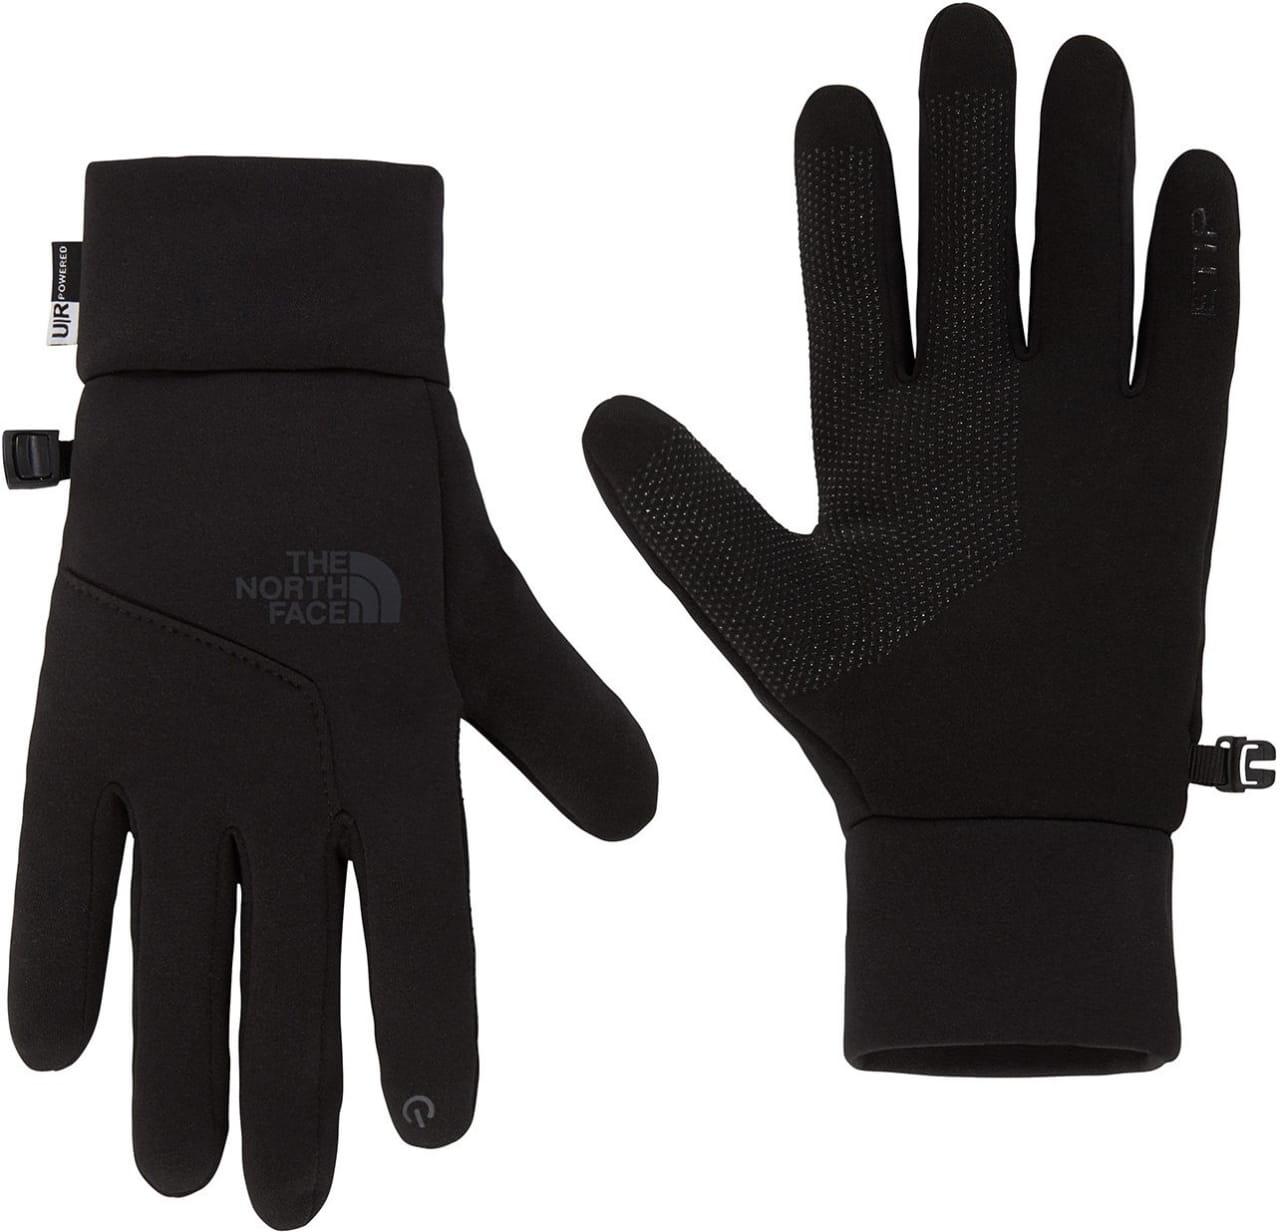 Handschuhe The North Face Men's Etip Gloves